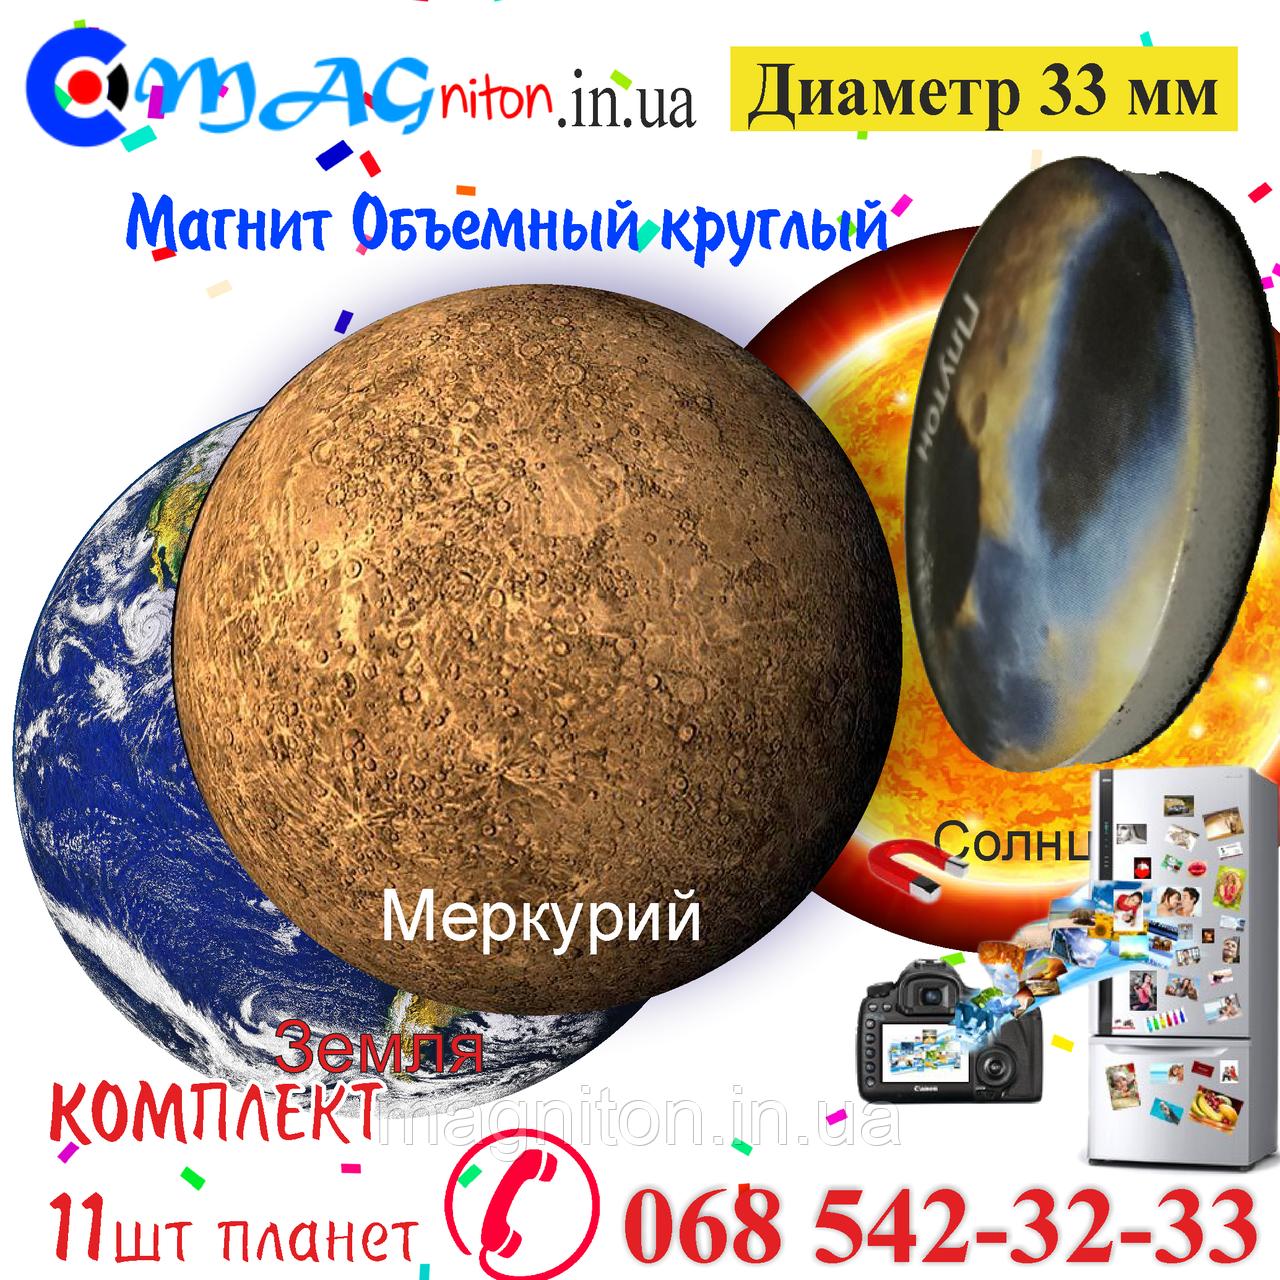 Комплект 11 шт планет магнитов объёмный 33мм